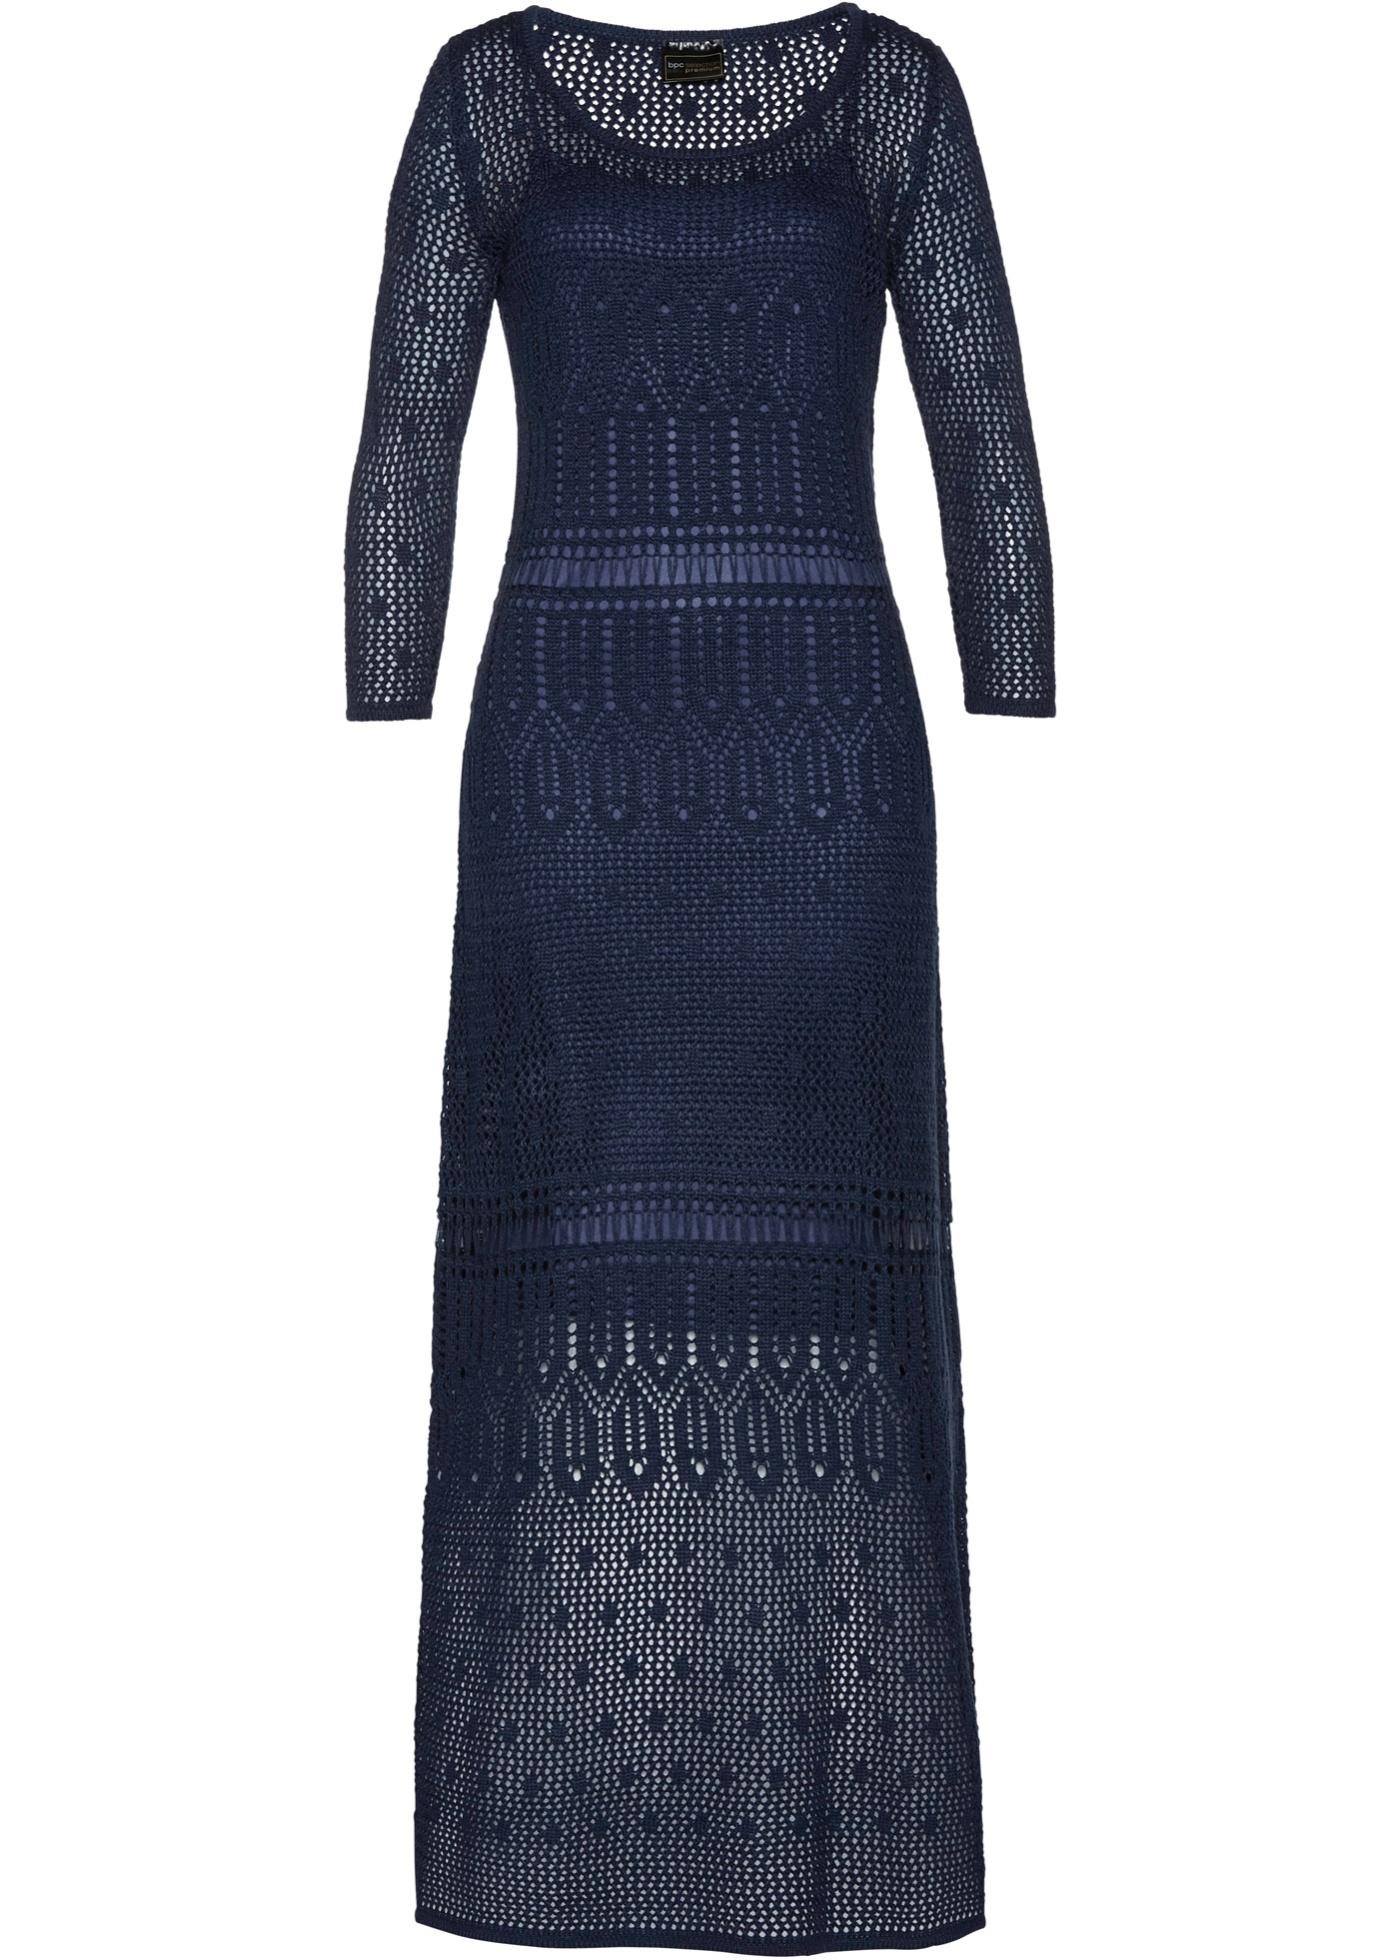 Premium Manches Selection BonprixRobe Bleu 4 D'été 3 Femme Pour Ajourée Bpc rBdexoC